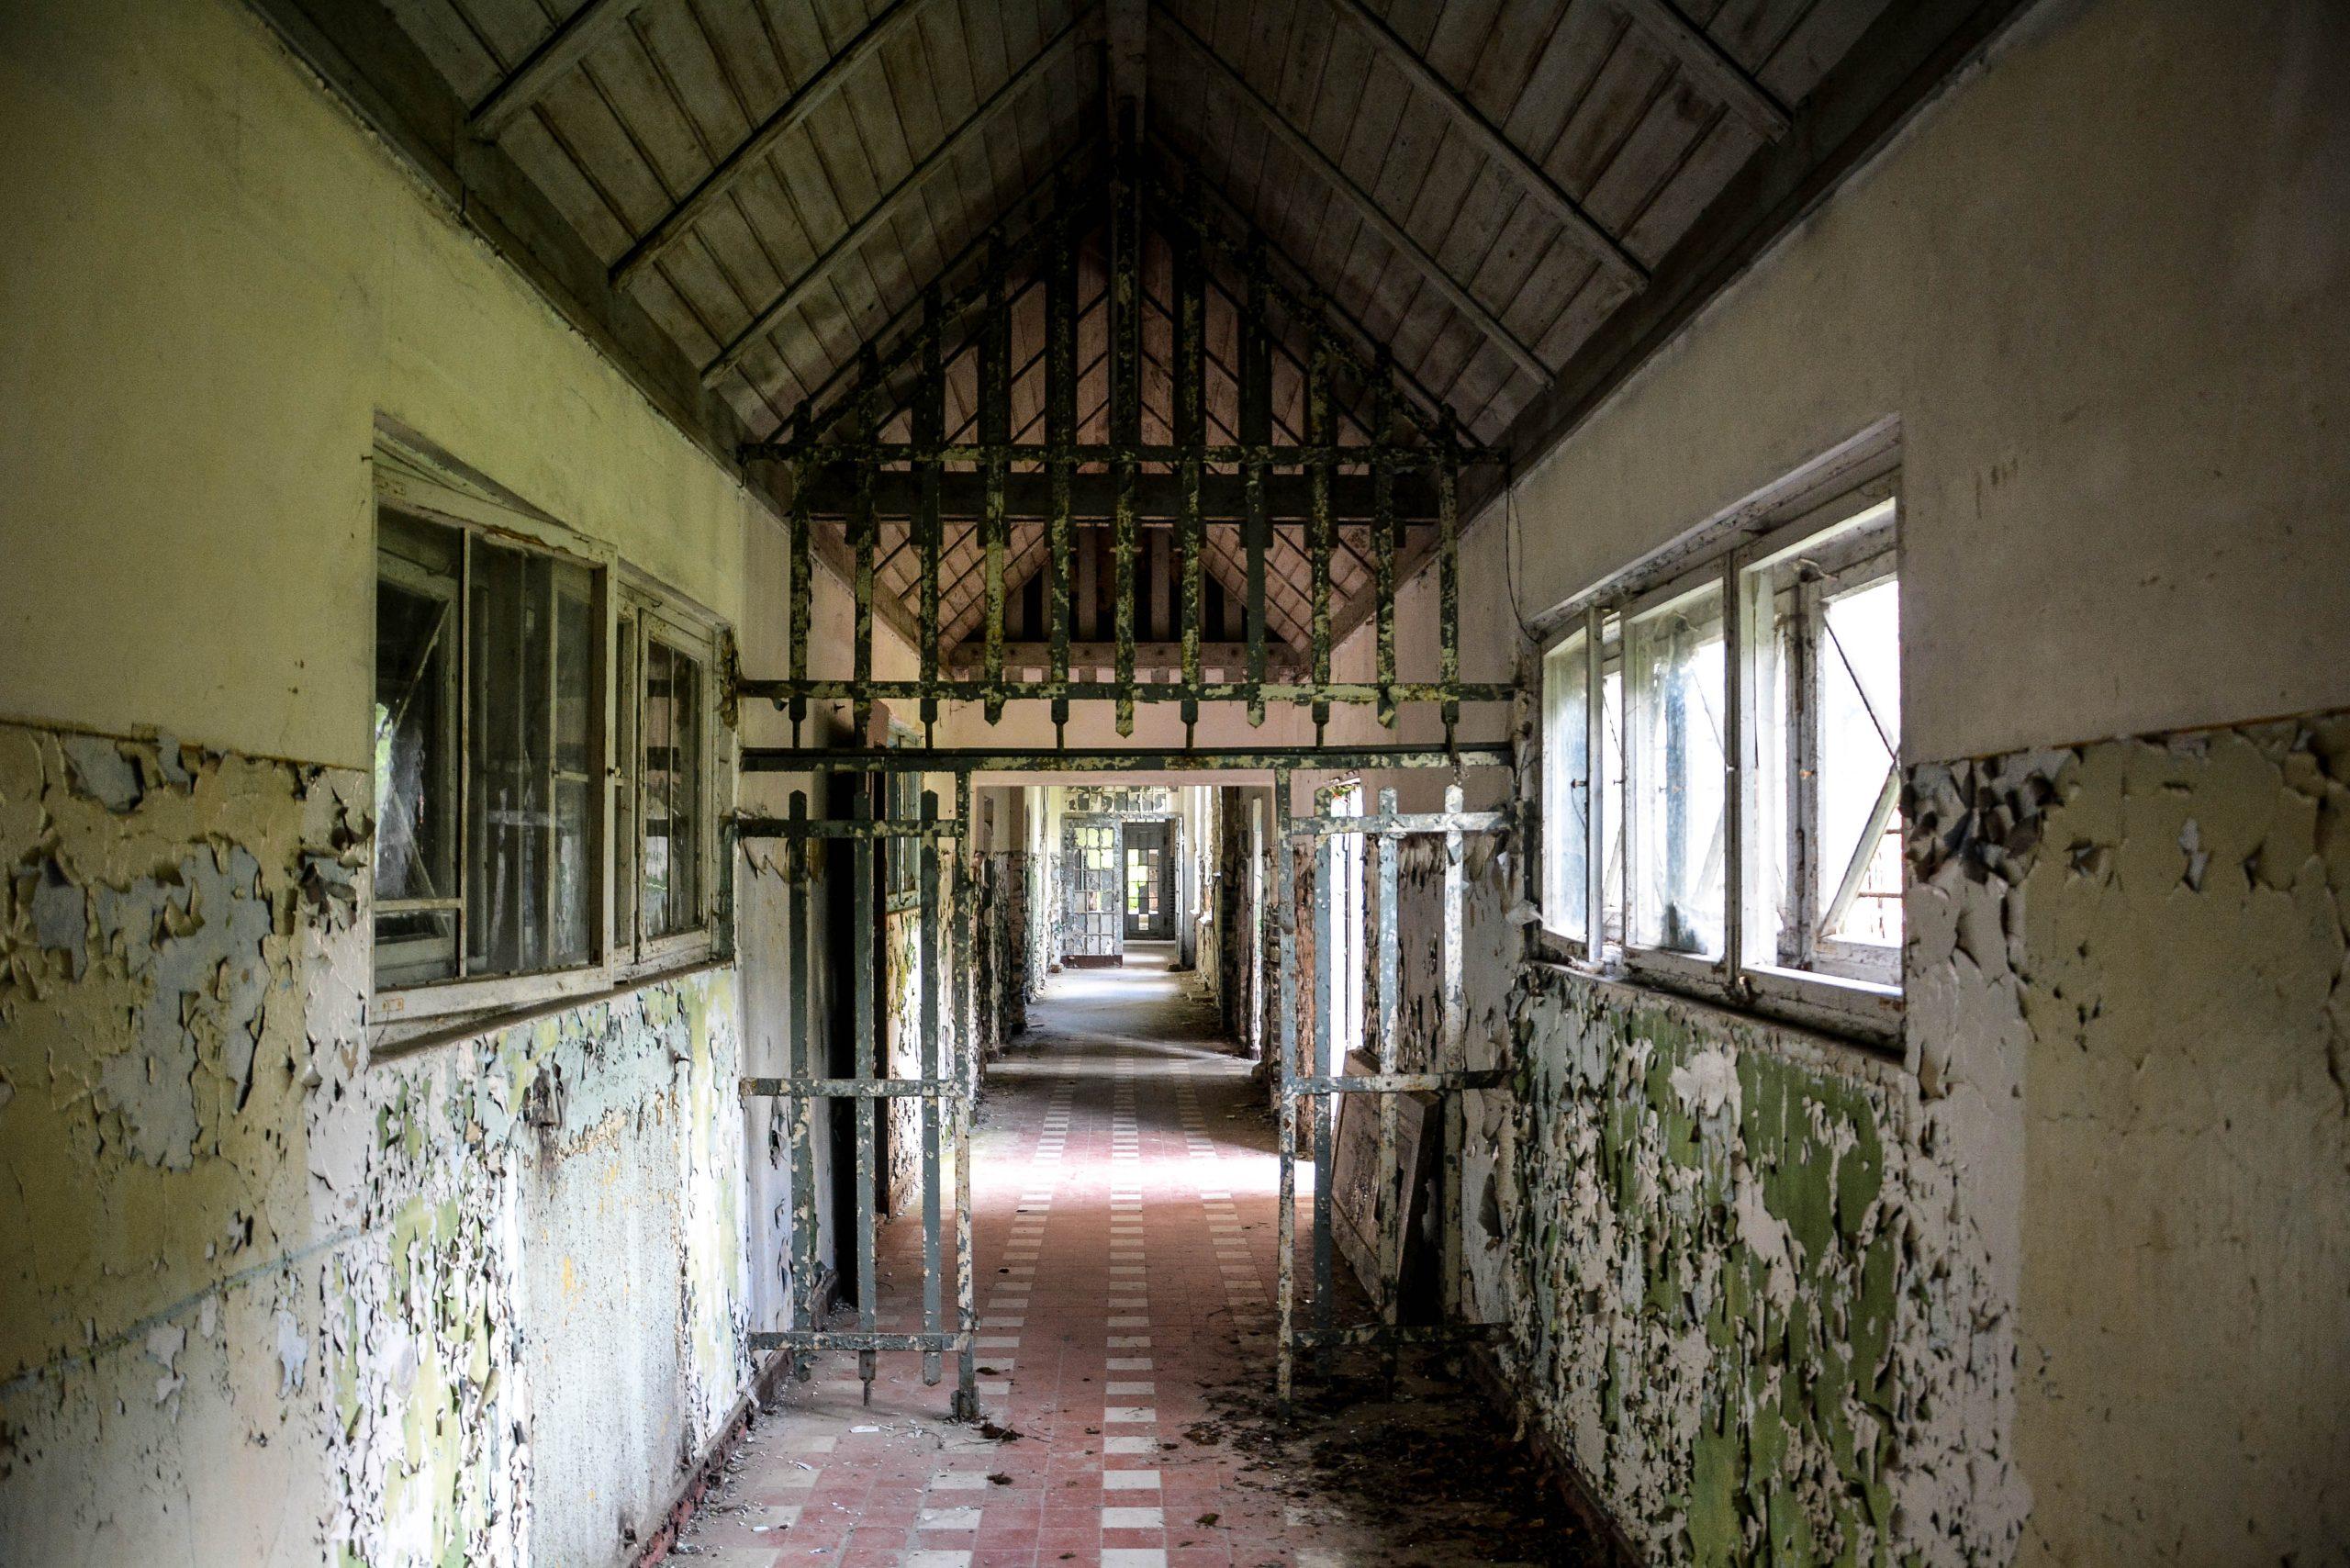 connecting hallway iron gates tuberkulose heilstaette grabowsee sanatorium hospital oranienburg lost places abandoned urbex brandenburg germany deutschland